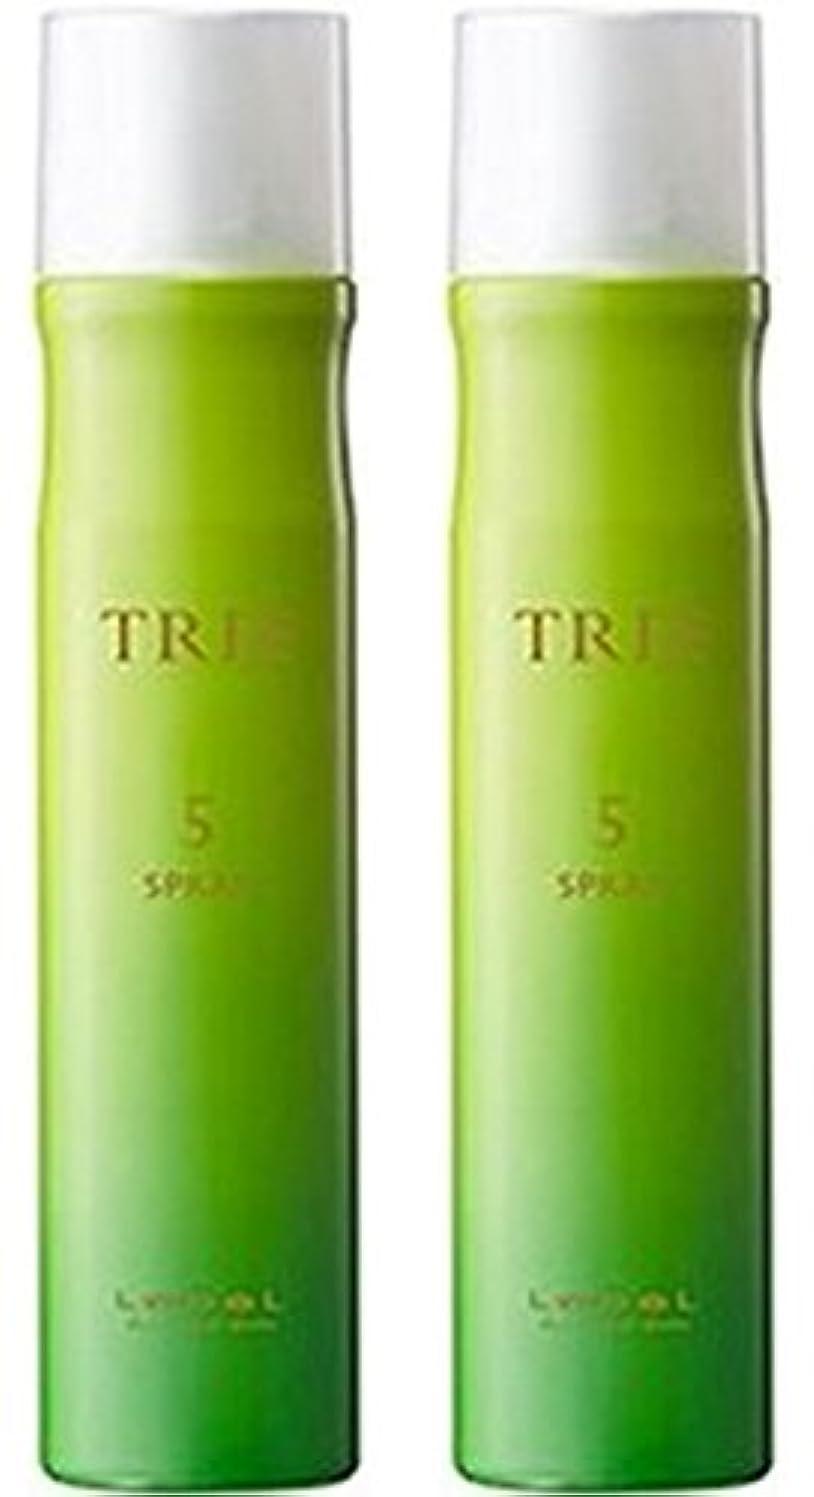 神経洞察力のある策定するルベル トリエ スプレー ( 5 ) 170g × 2本セット lebel torie